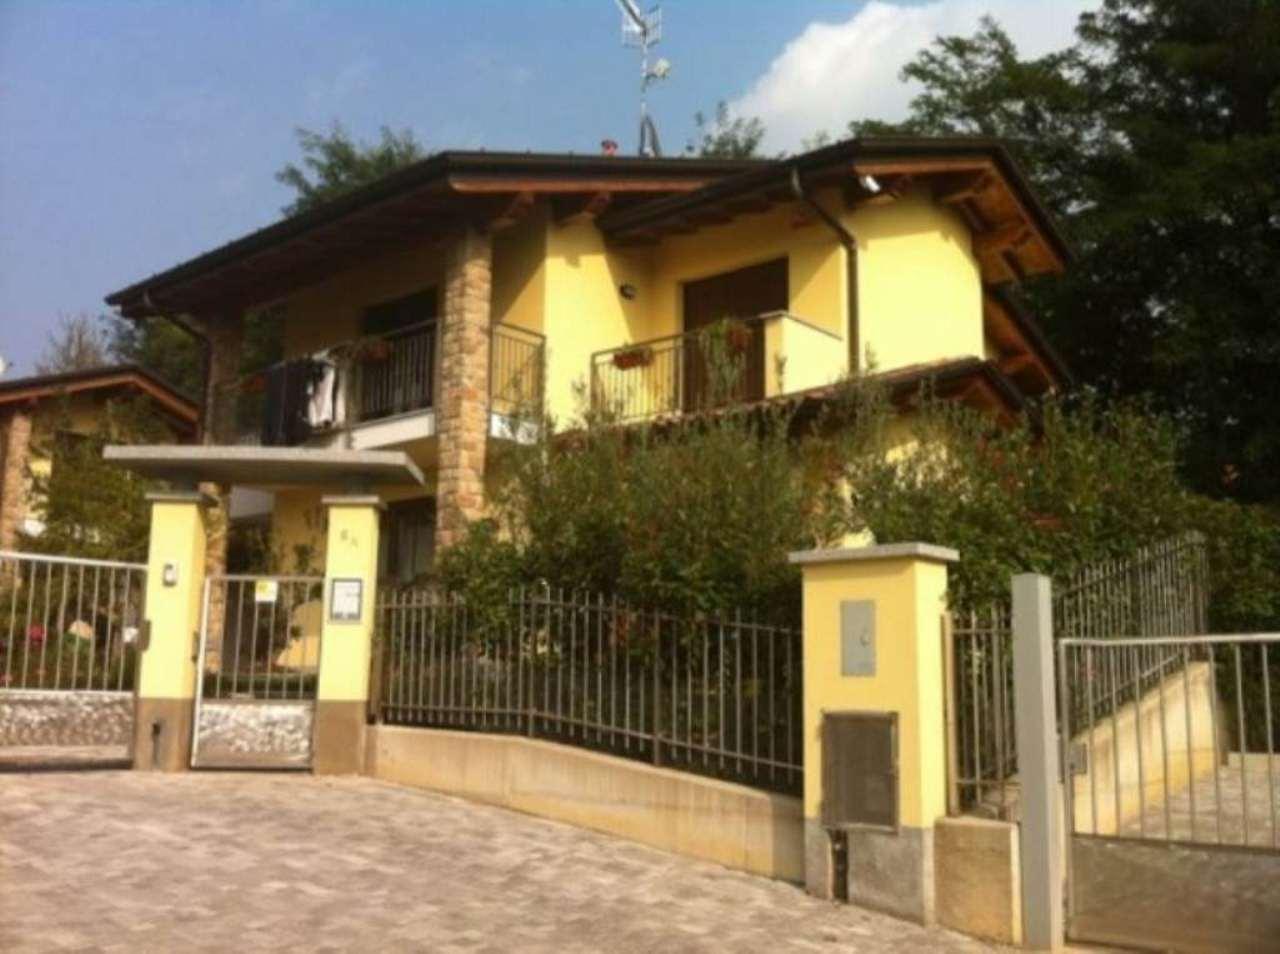 Villa in vendita a Cocquio-Trevisago, 5 locali, prezzo € 285.000 | Cambio Casa.it